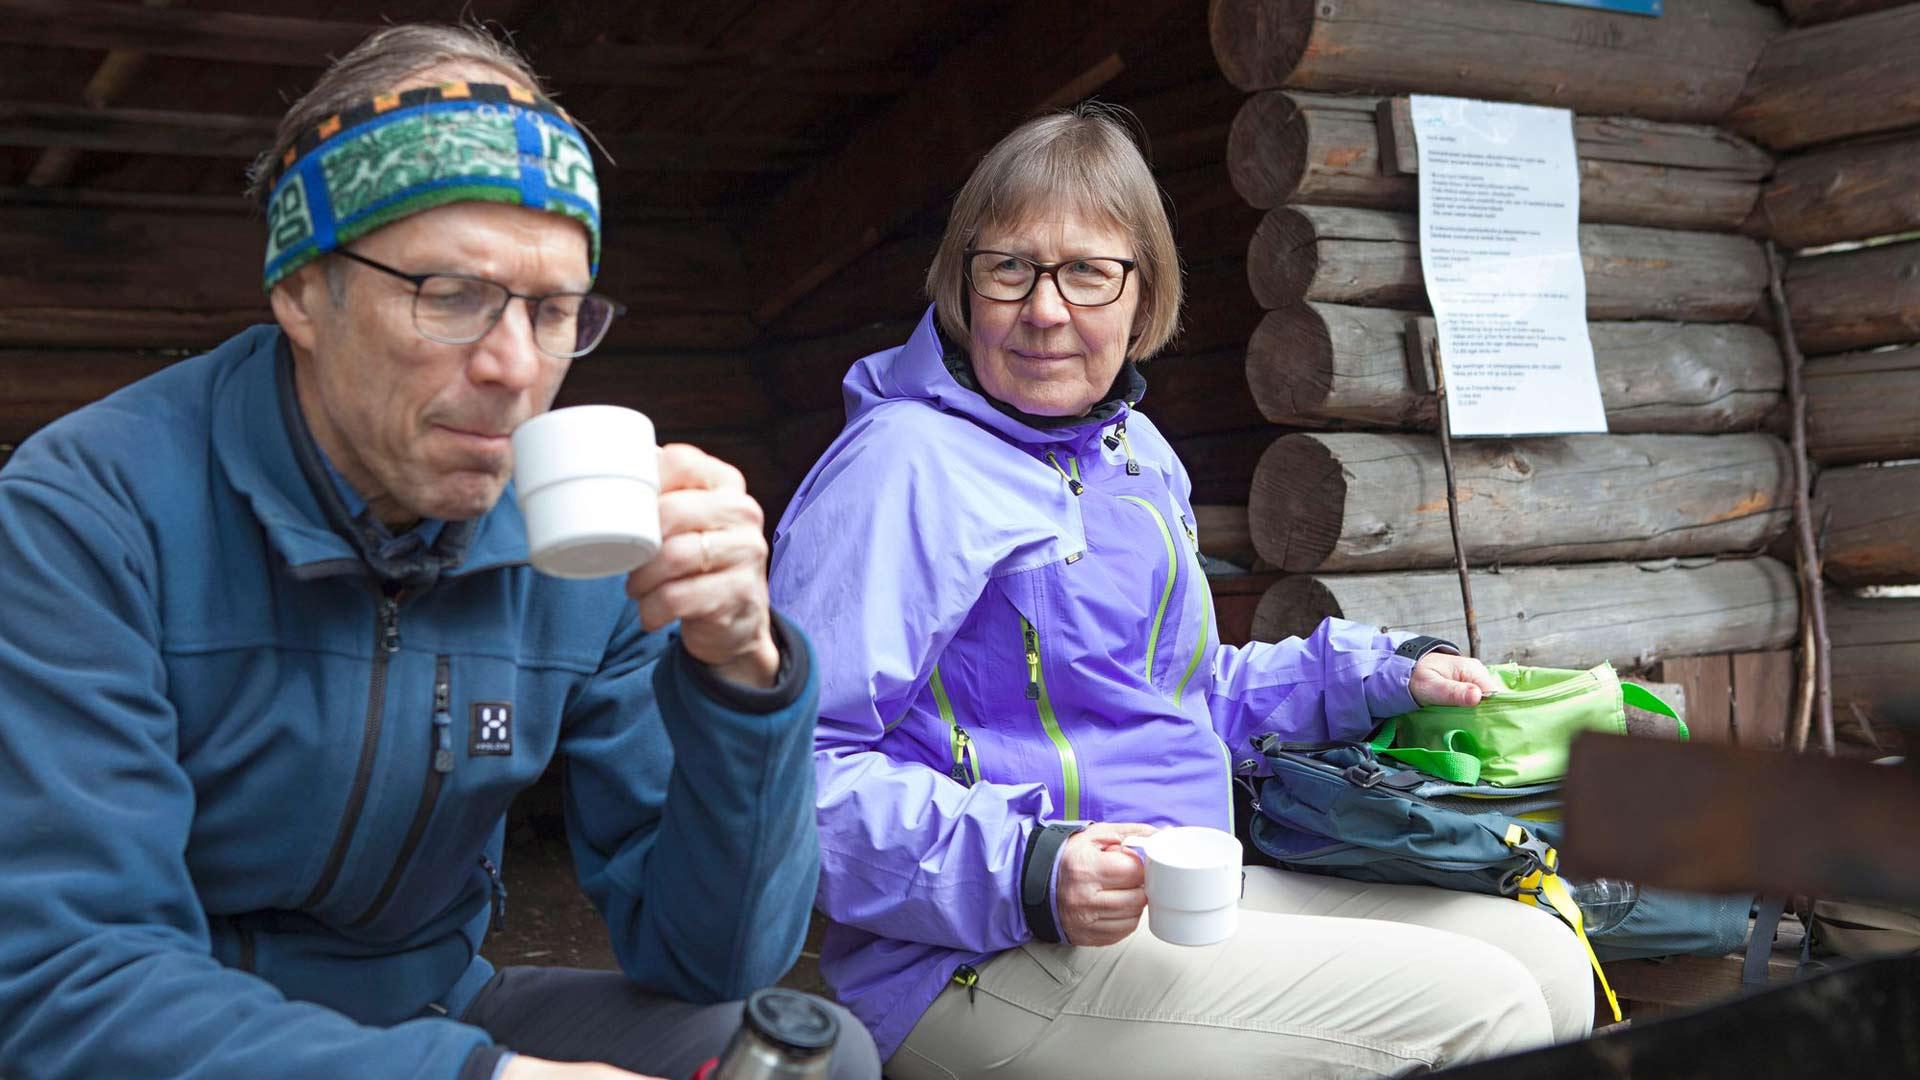 Tänä kesänä Kristiina Korpi ja Pekka Nuojua reissasivat retkeilyautollaan Uudeltamaalta Rovaniemelle saakka.